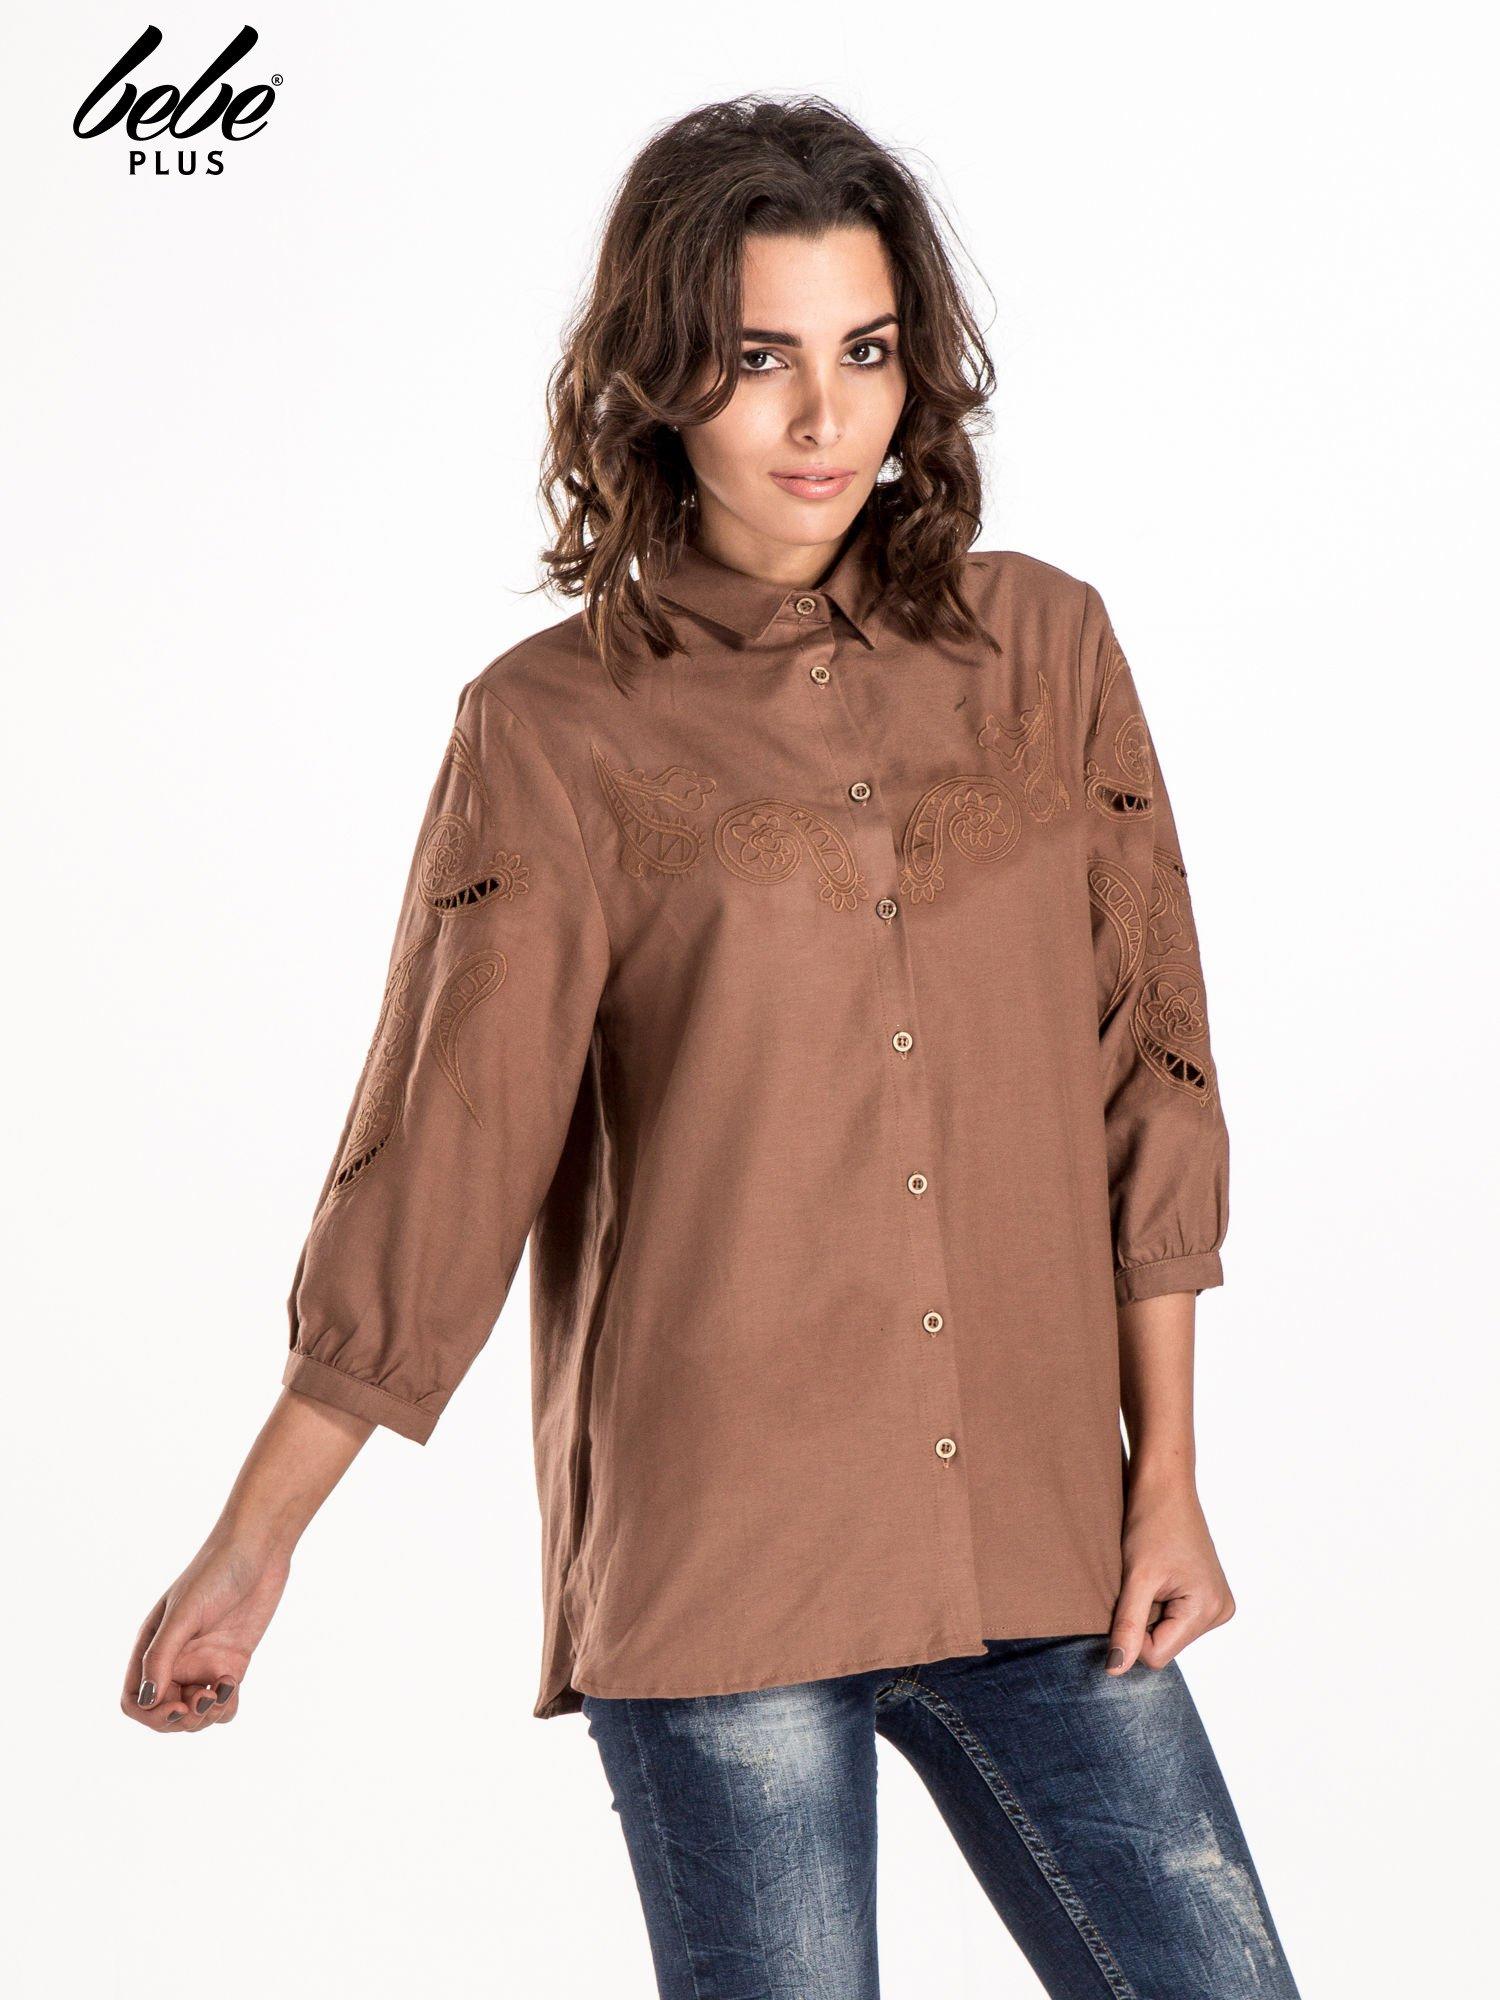 Ciemnobeżowa koszula z szerszymi rękawami                                  zdj.                                  1